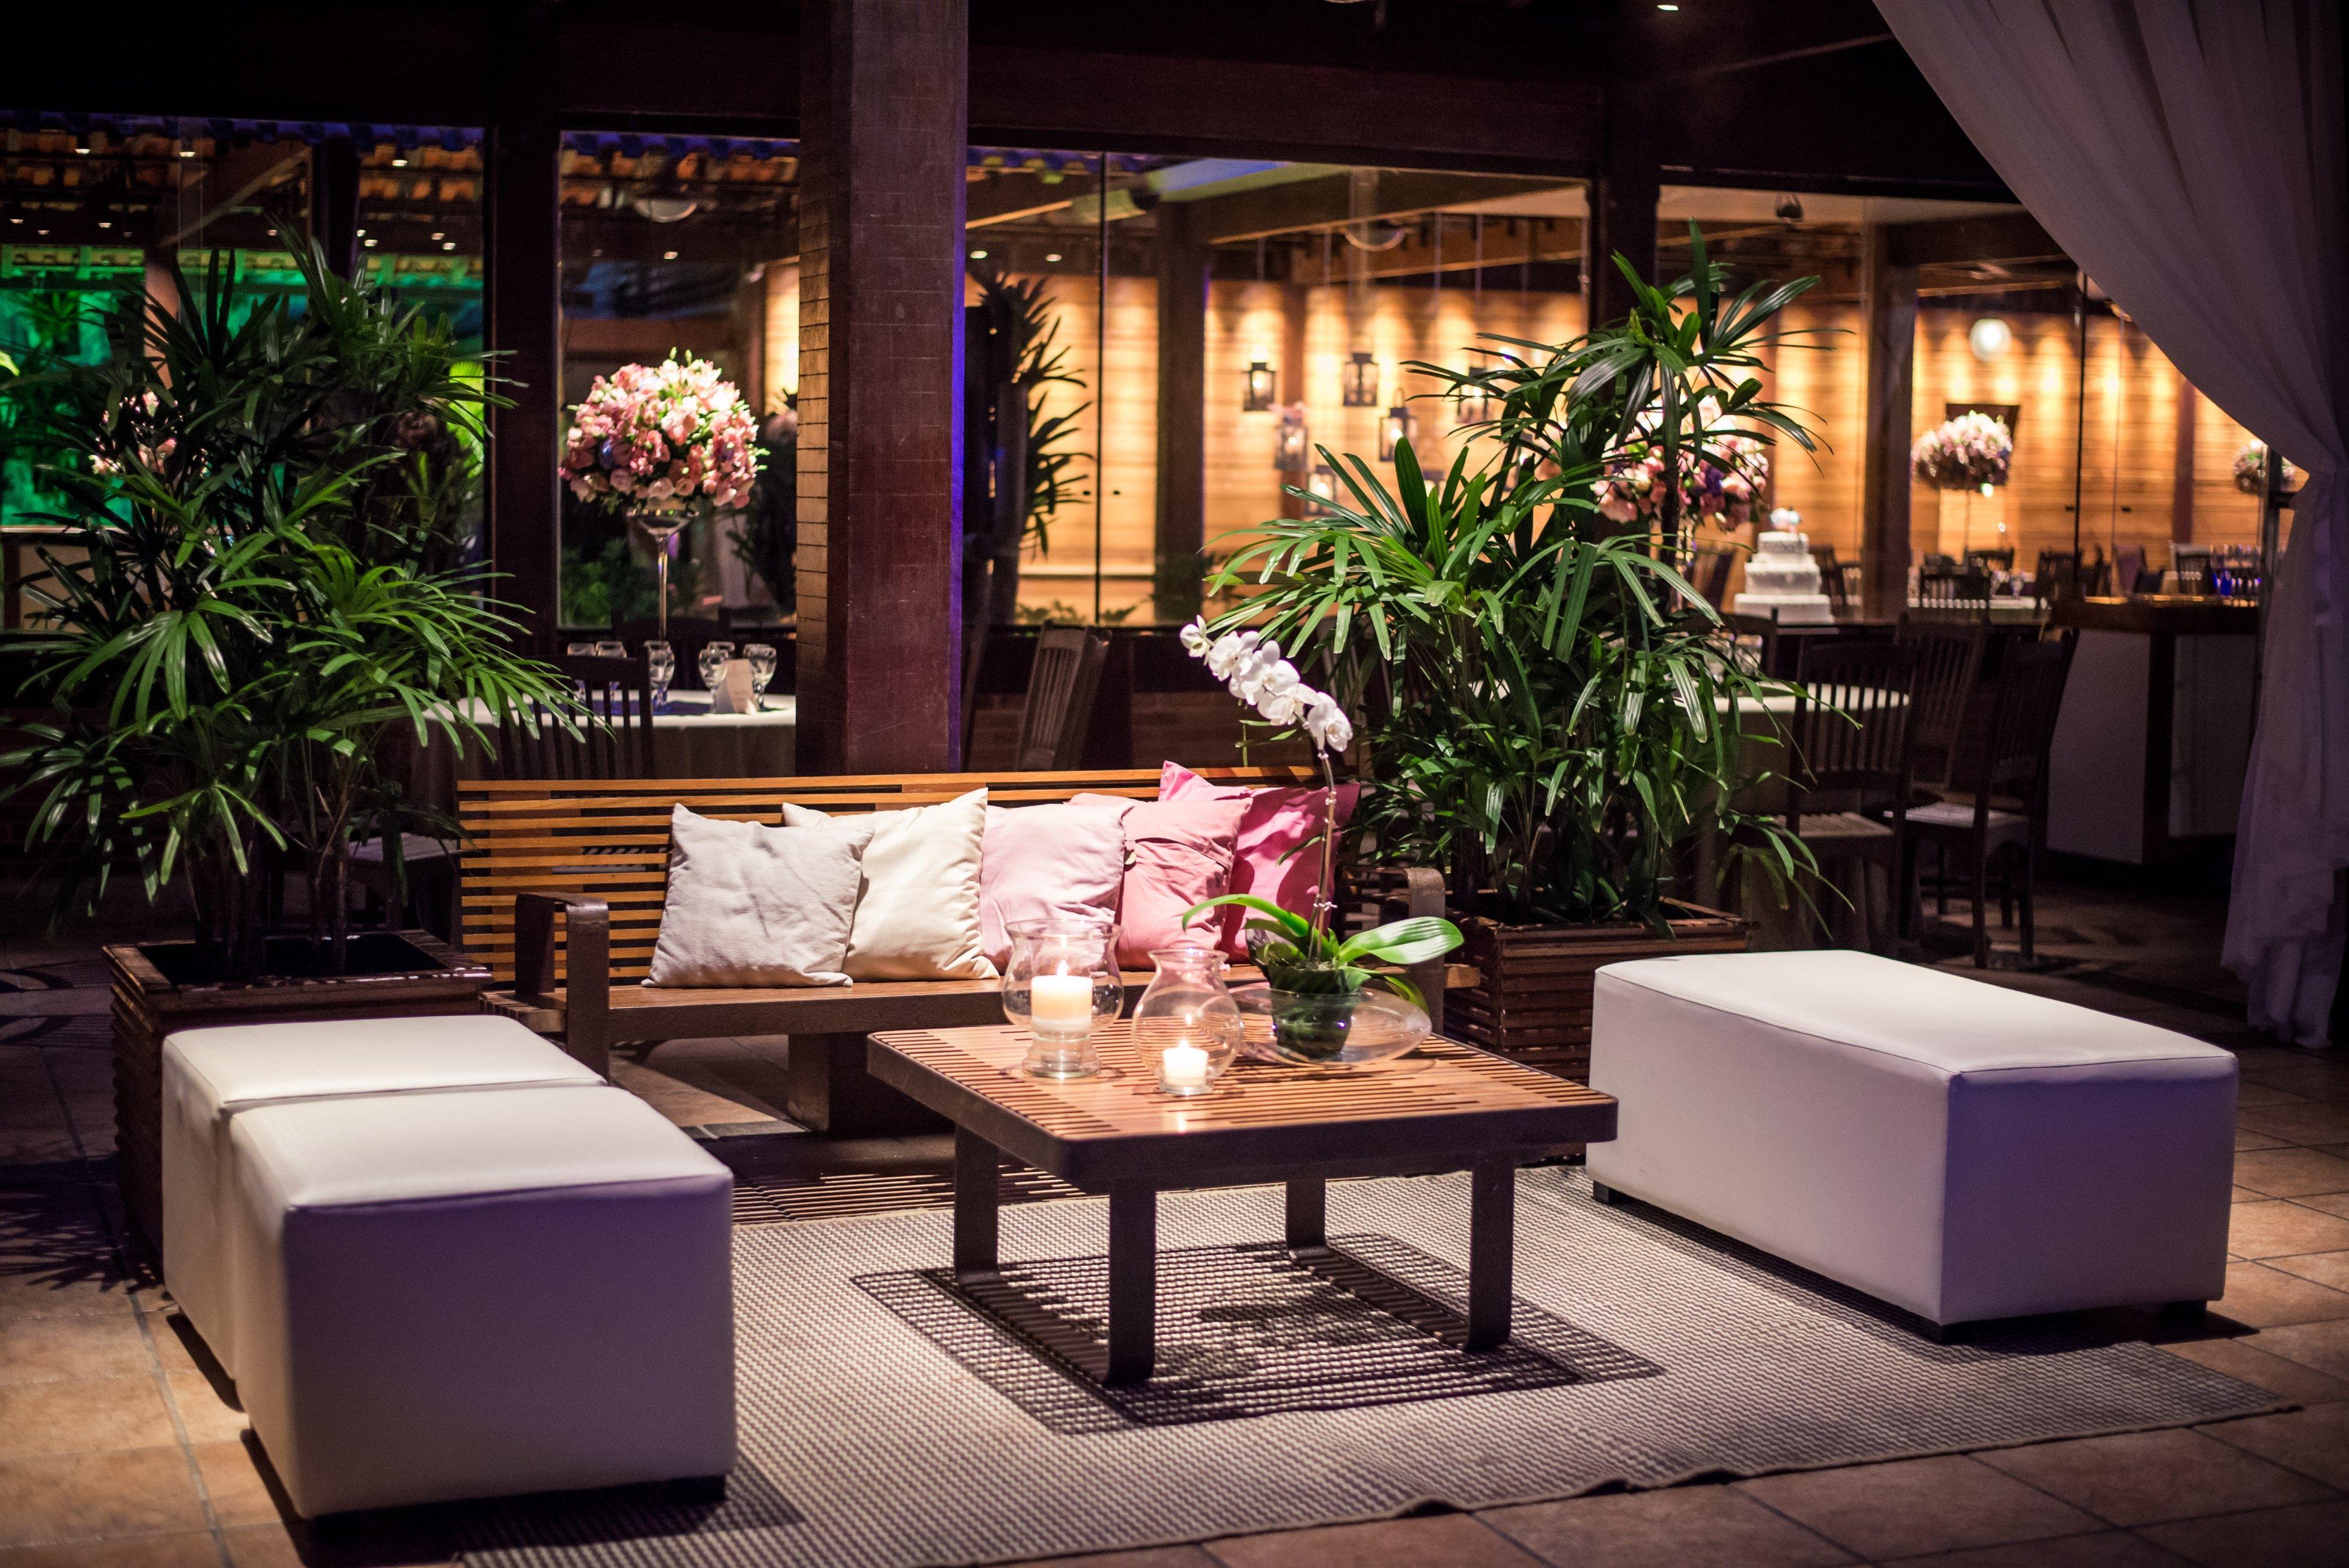 Decora o dos lounges lounge cl ssico decora o for Mobilia wedding